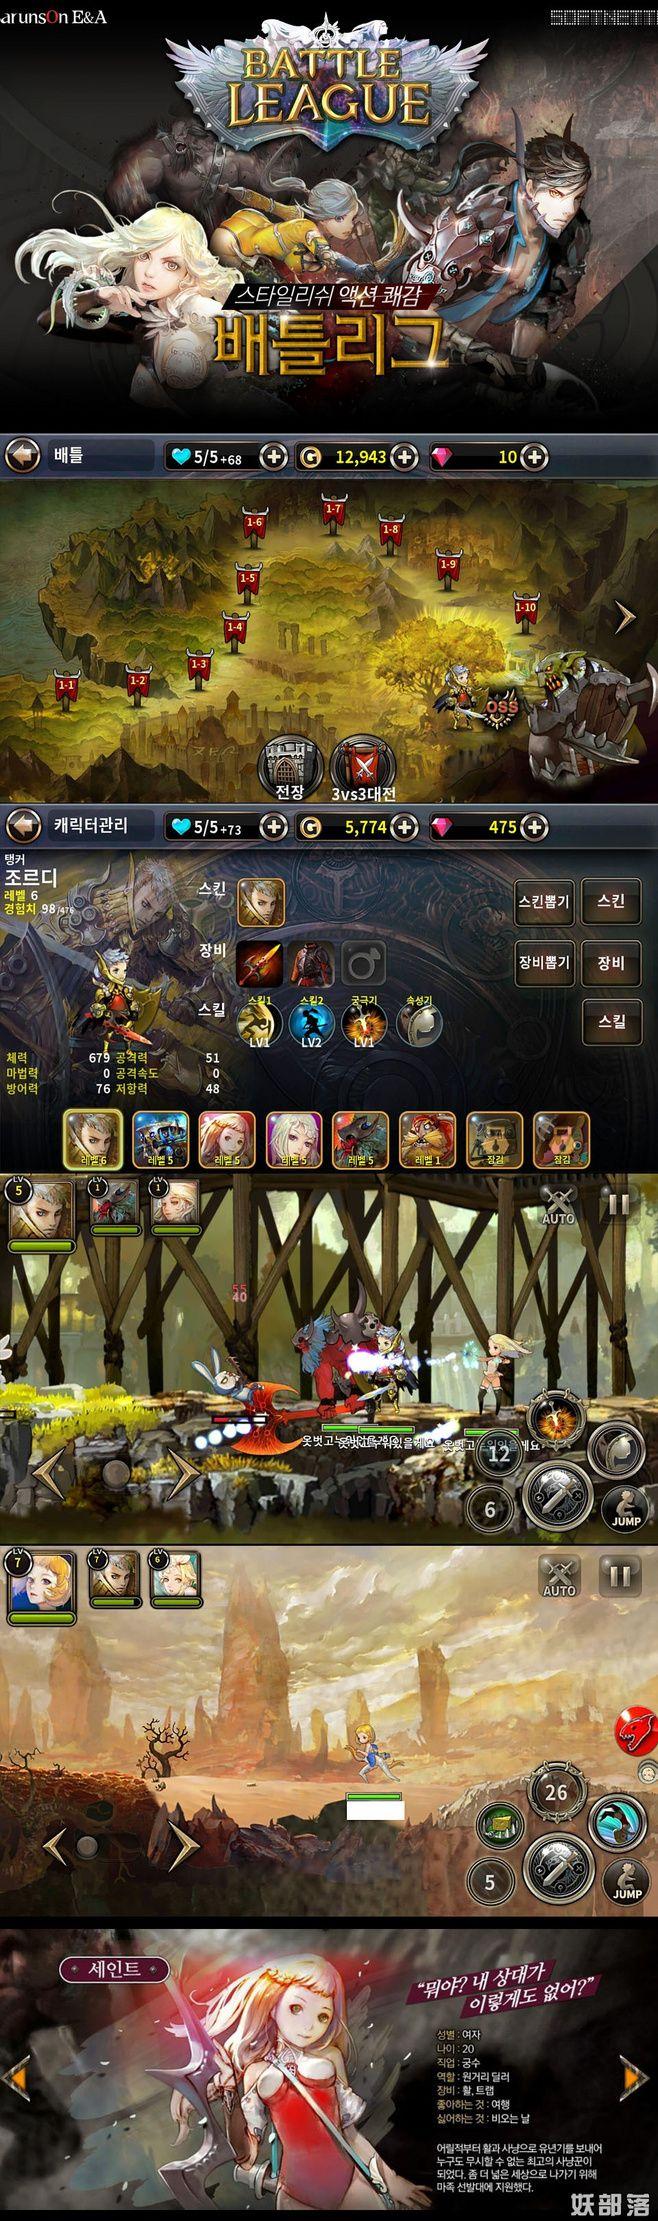 battle league - Game Design Ideas